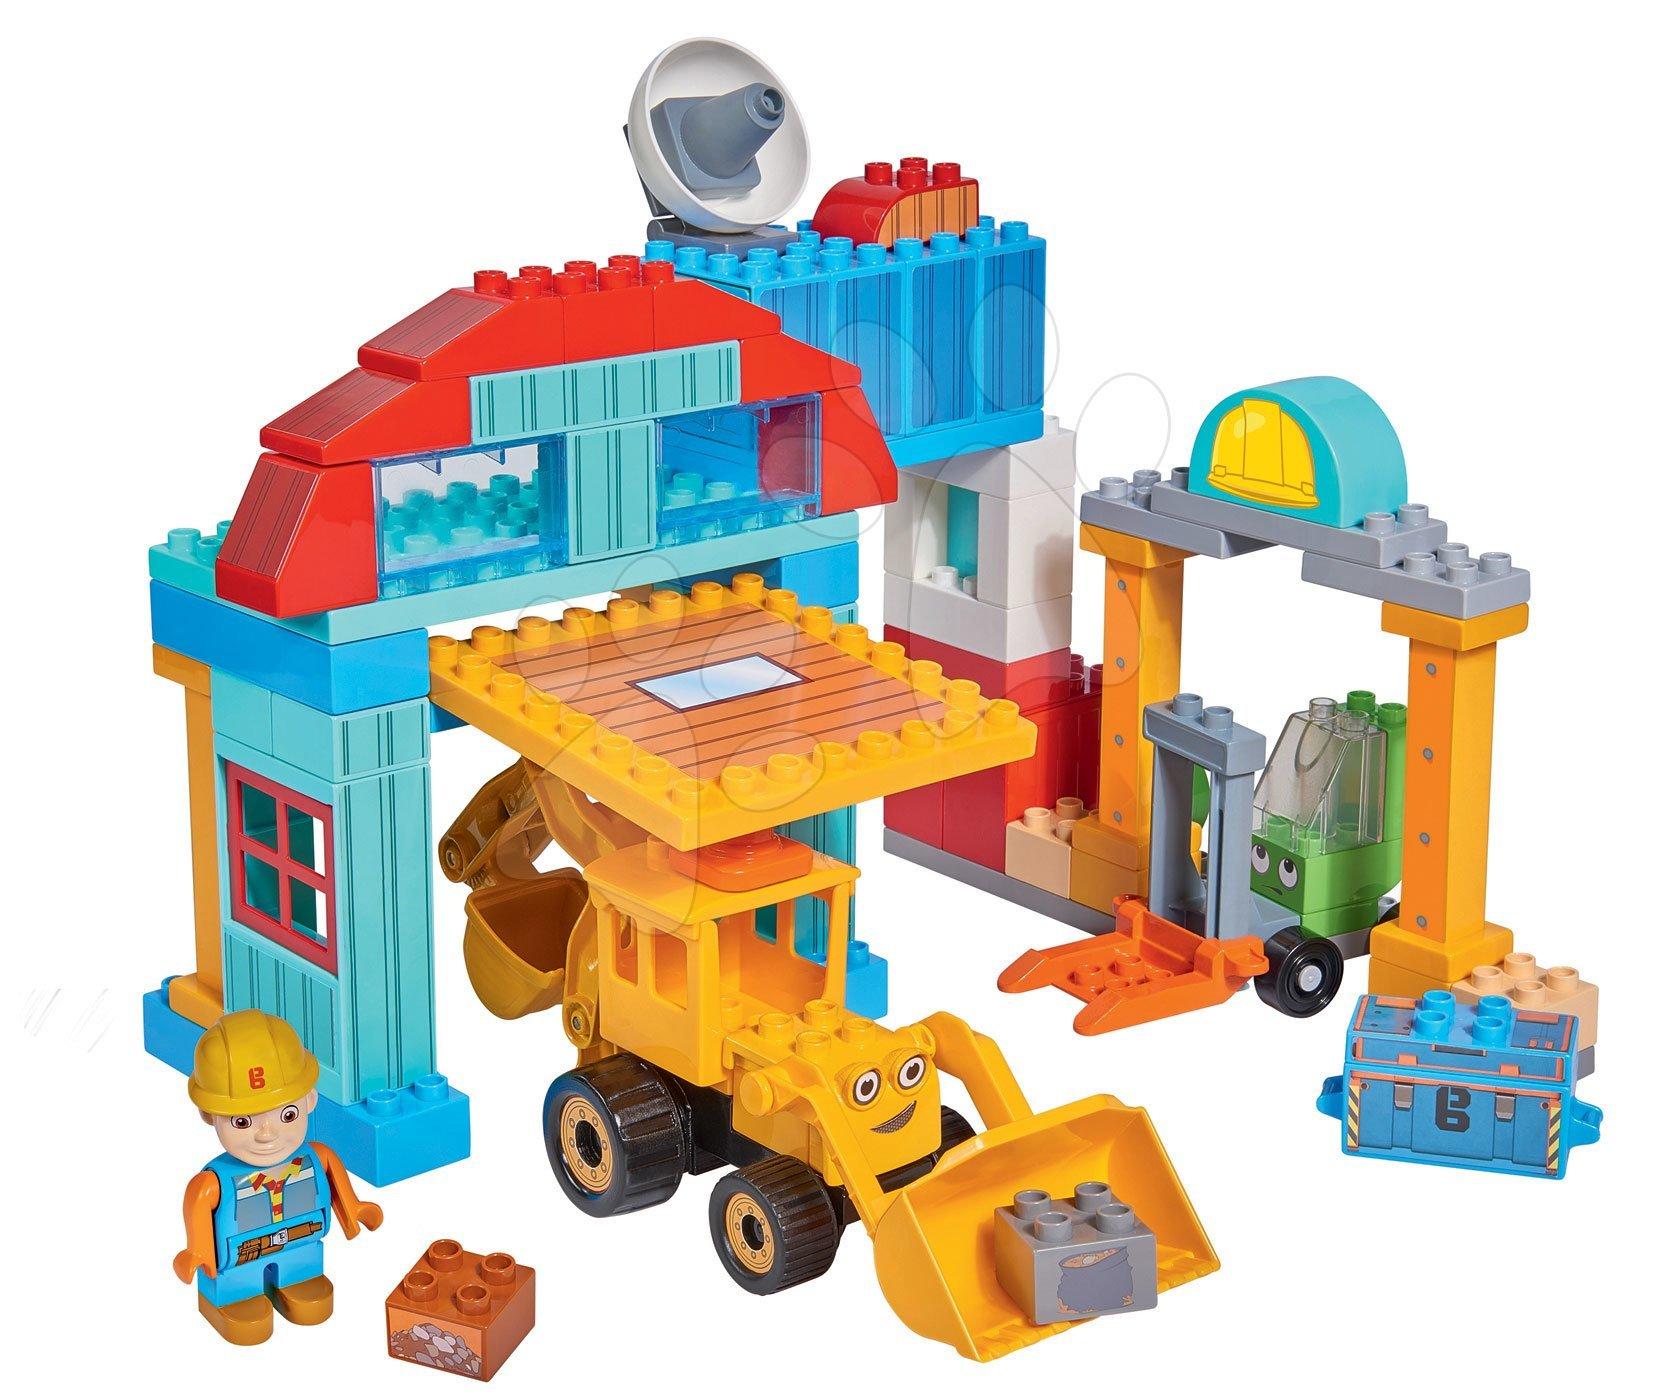 Stavebnice Bořek Stavitel PlayBIG Bloxx Bob na staveništi 1 figurka a 96 dílů od 24 měsíců